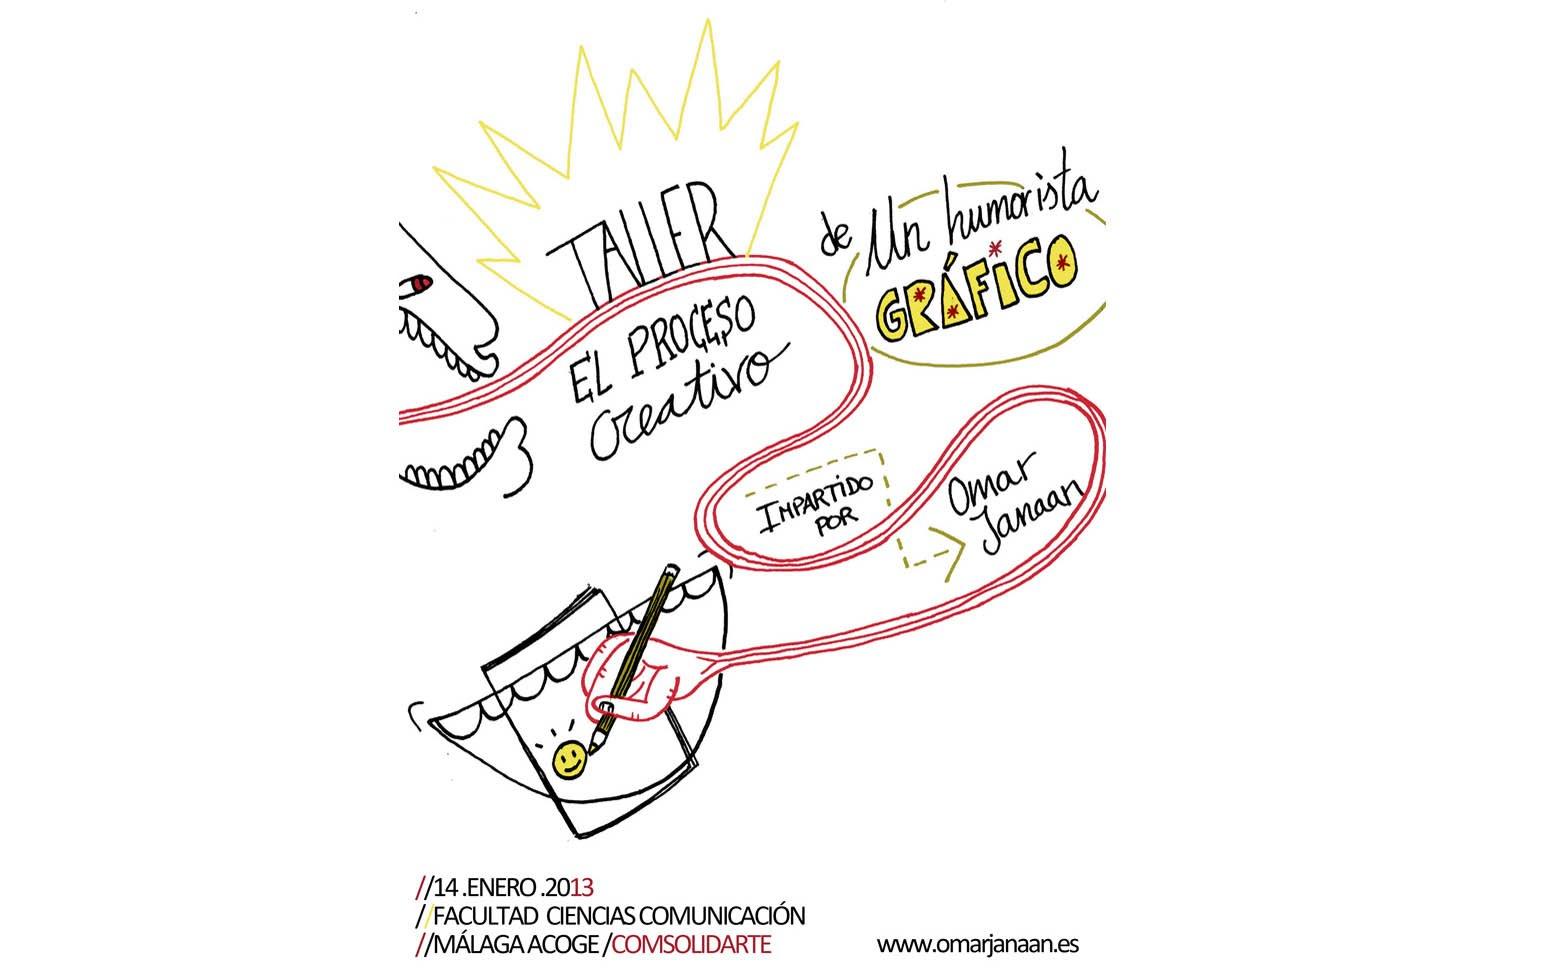 El ilustrador Omar Janaan impartirá un taller sobre el proceso de creación del humor gráfico aplicado al tercer sector